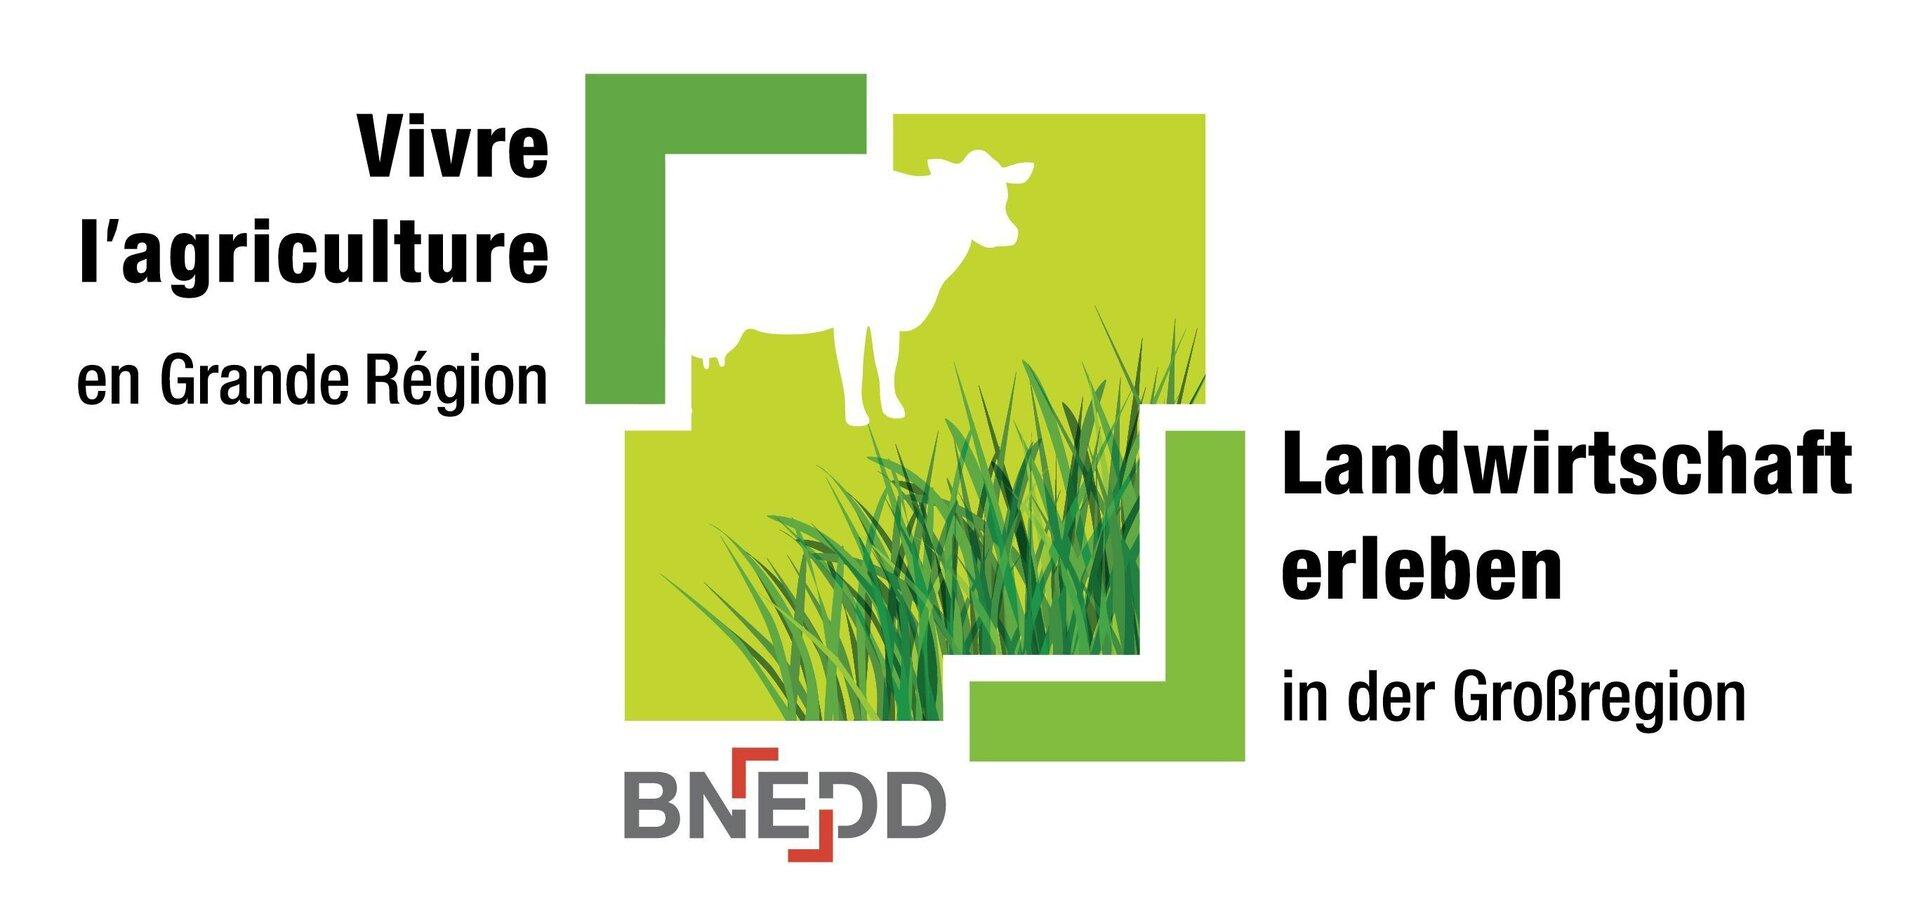 Landwirtschaft erleben in der Großregion